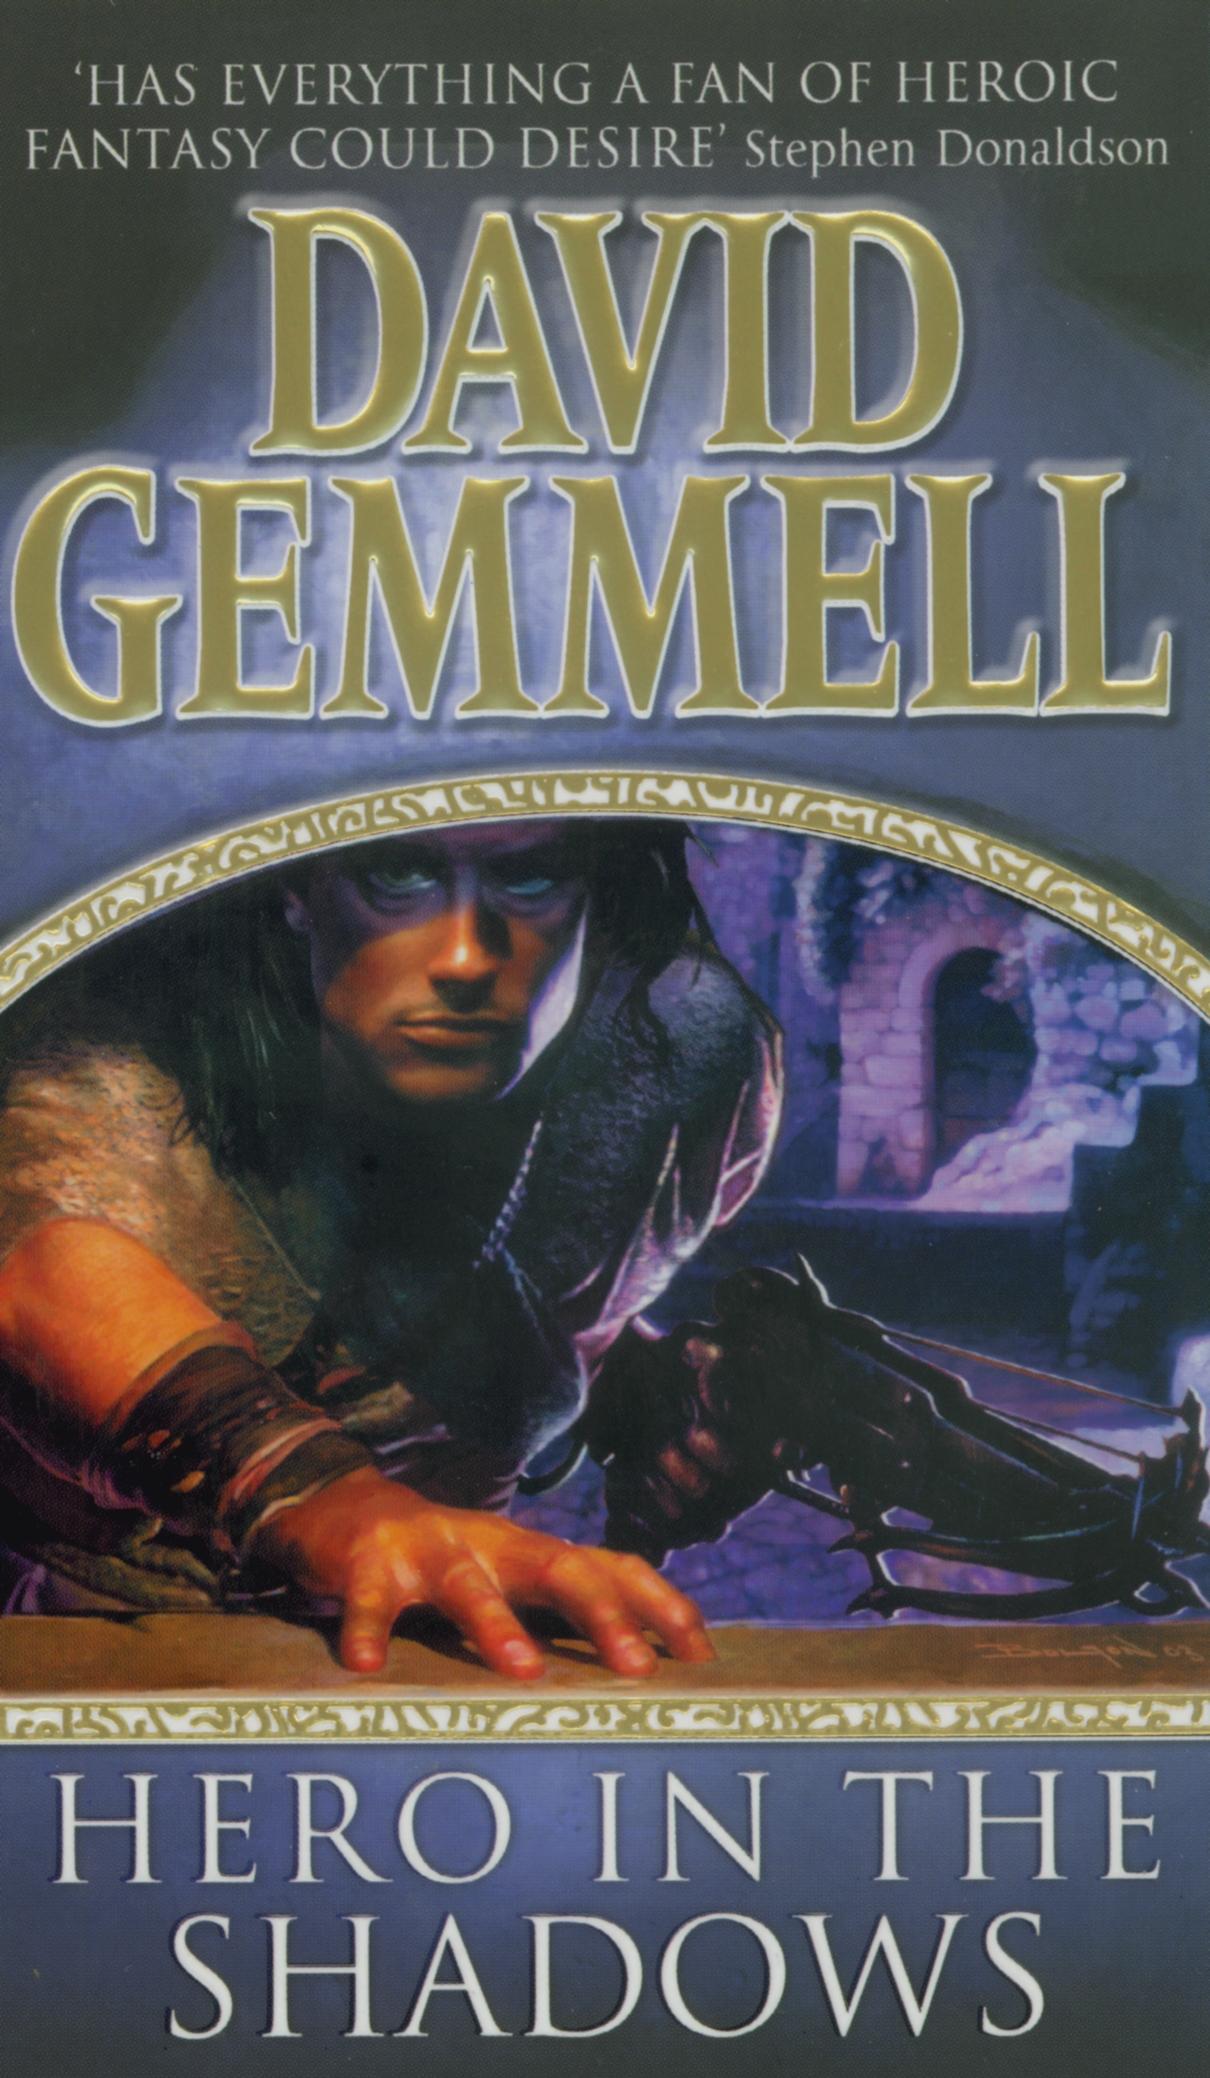 David Gemmell Book Cover Art : Hero in the shadows by david gemmell penguin books australia